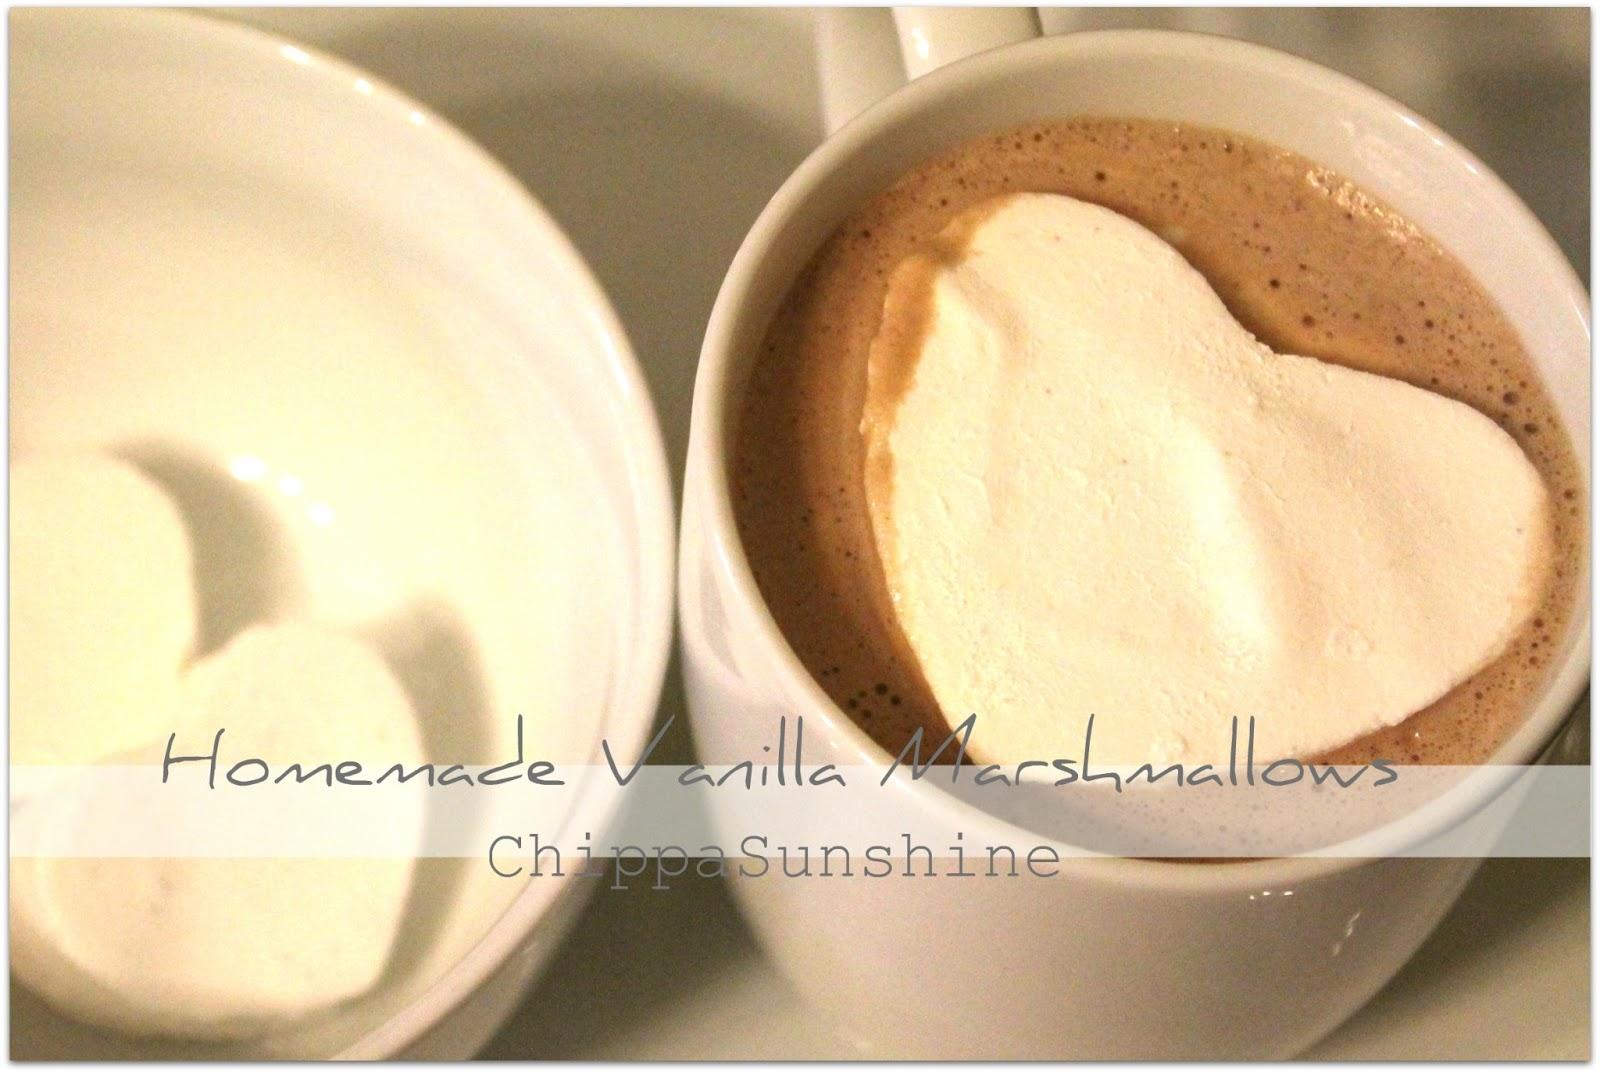 ChippaSunshine: Homemade Vanilla Marshmallows